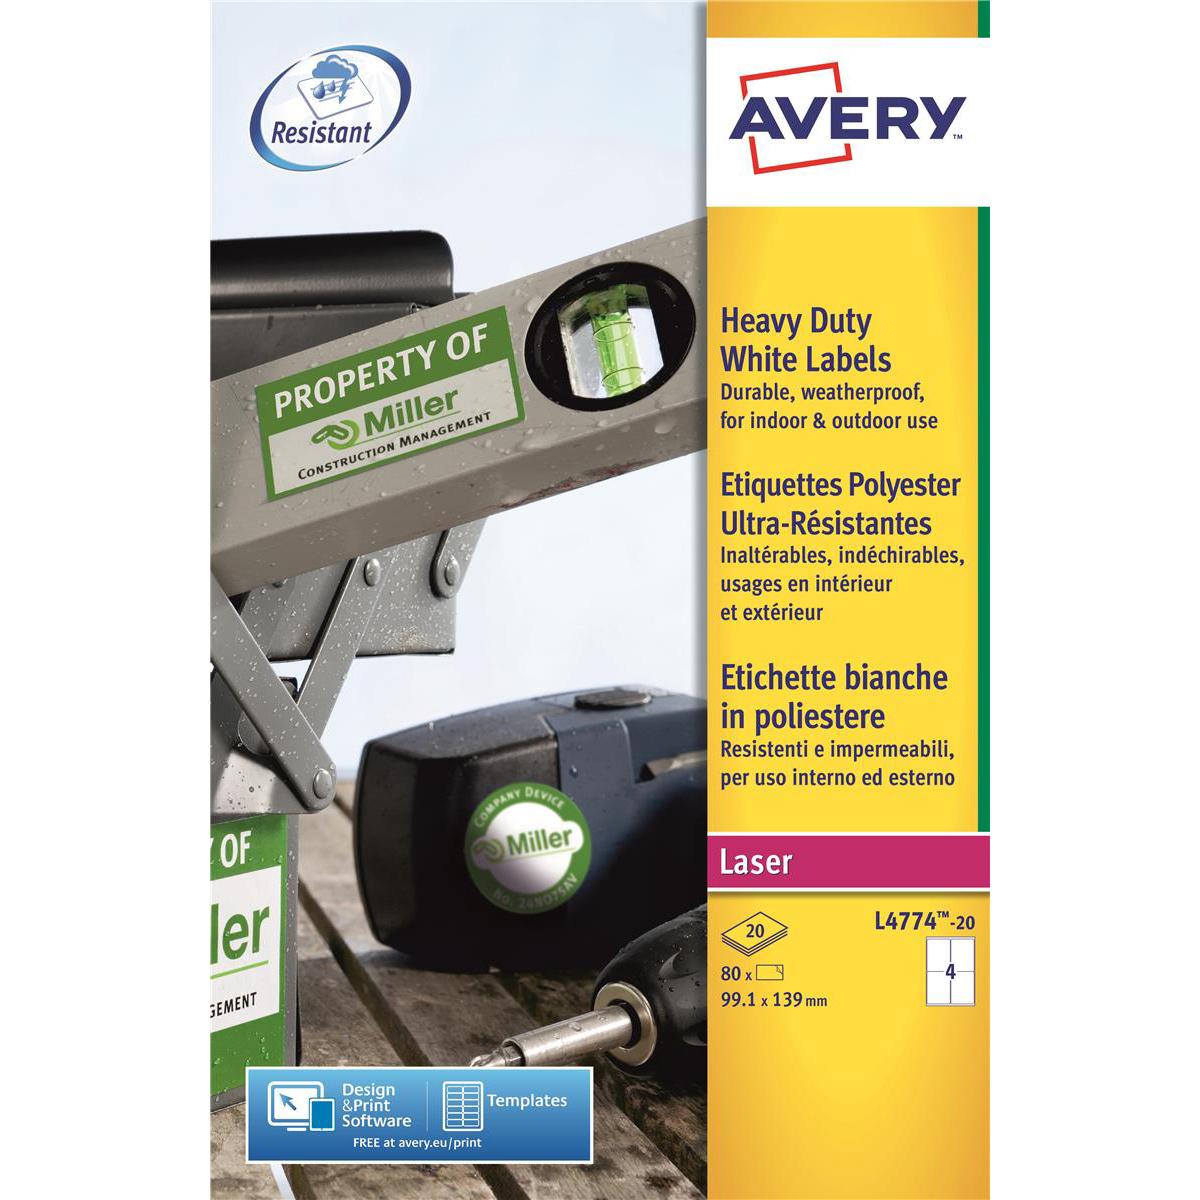 avery heavy duty labels laser 4 per sheet 99 1x139mm white ref l4774